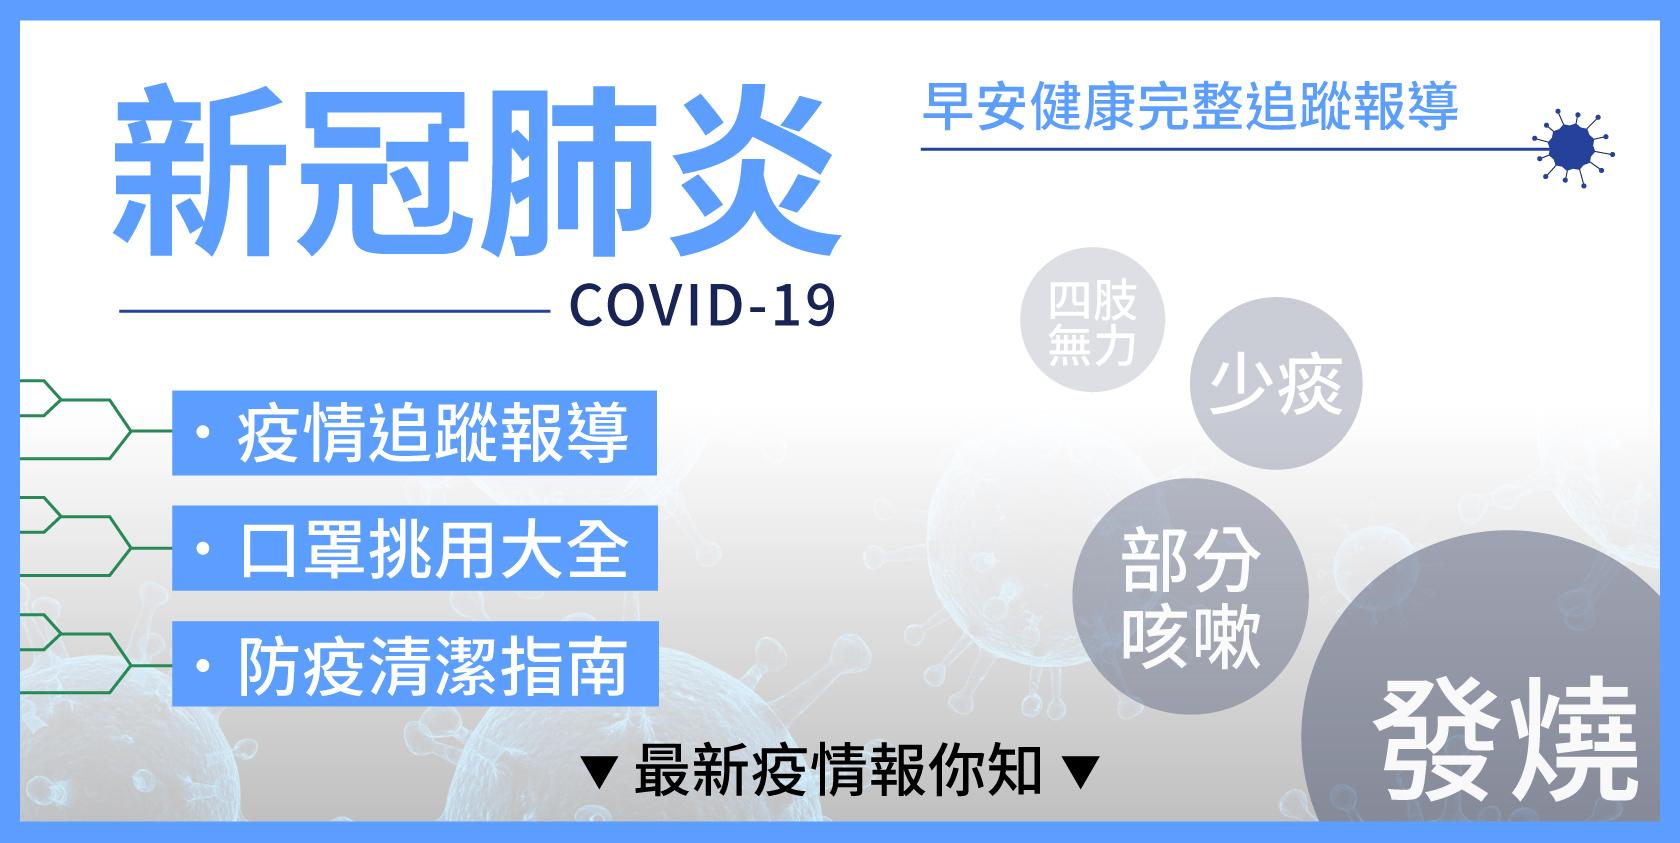 COVID-19疫情追蹤、預防保健資訊專區